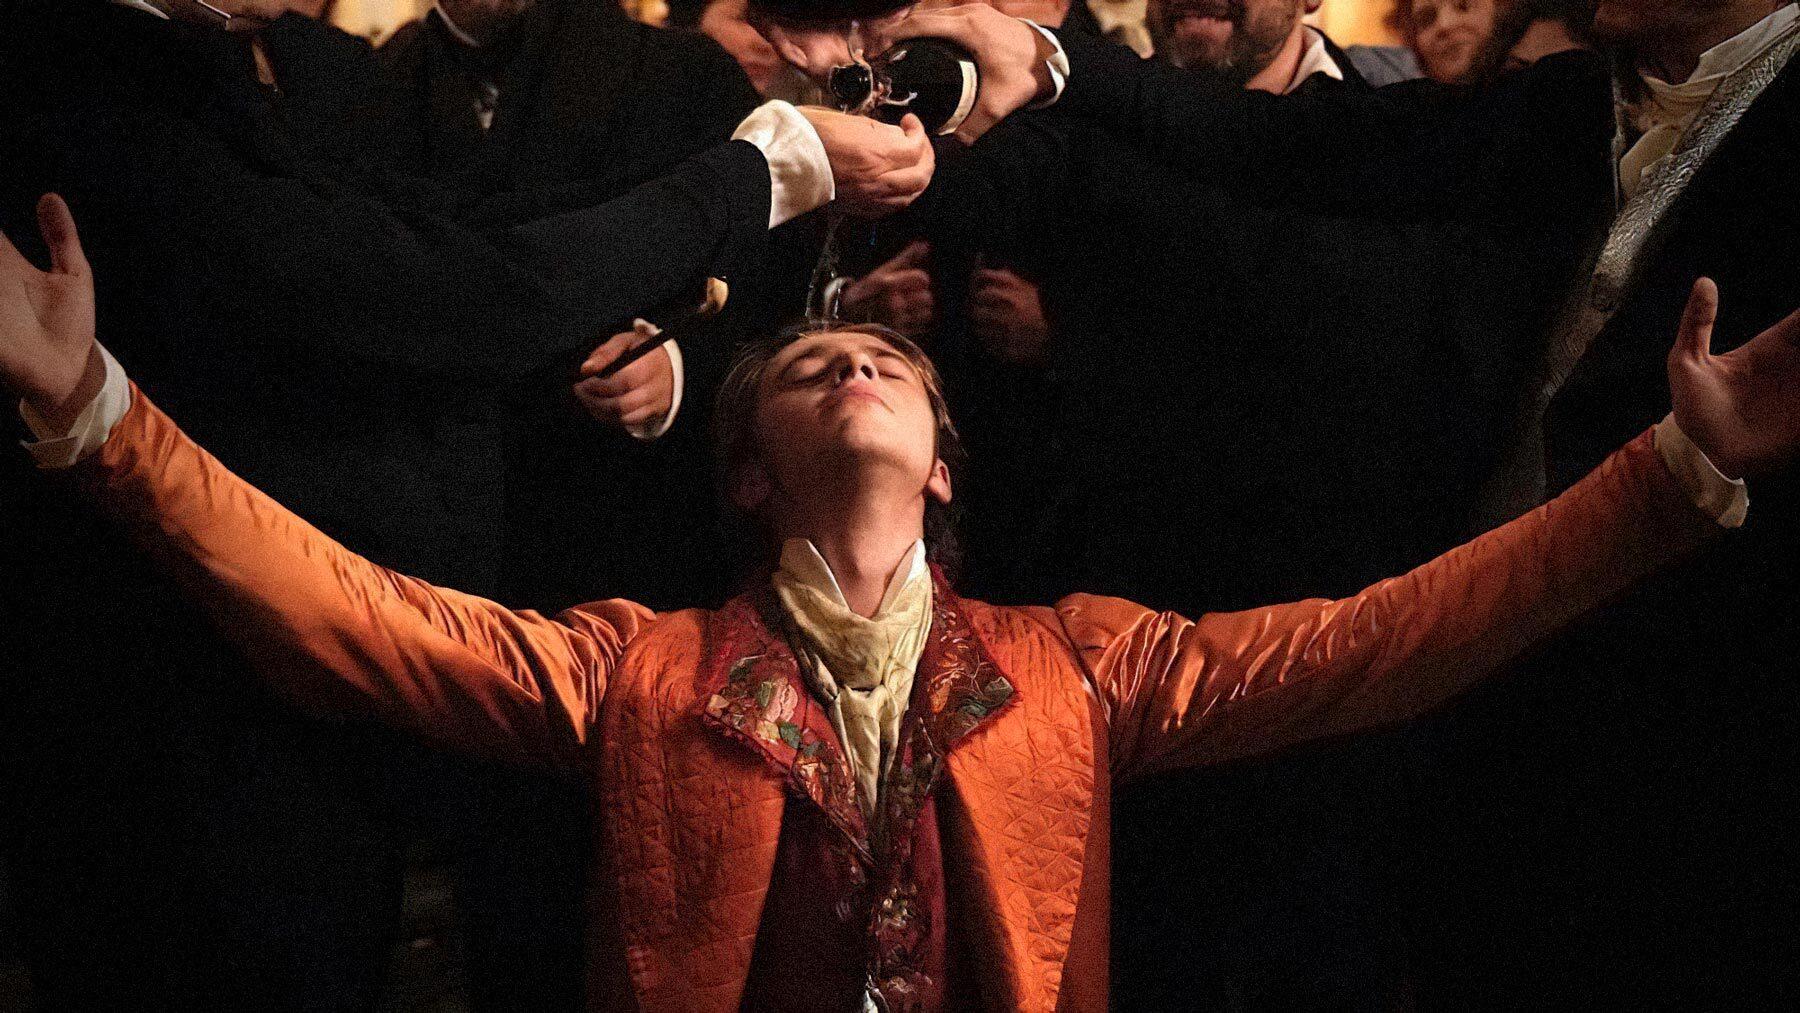 Кадр со съемок «Человеческой комедии». Режиссер Ксавье Джанноли, 2021 год / imdb.com